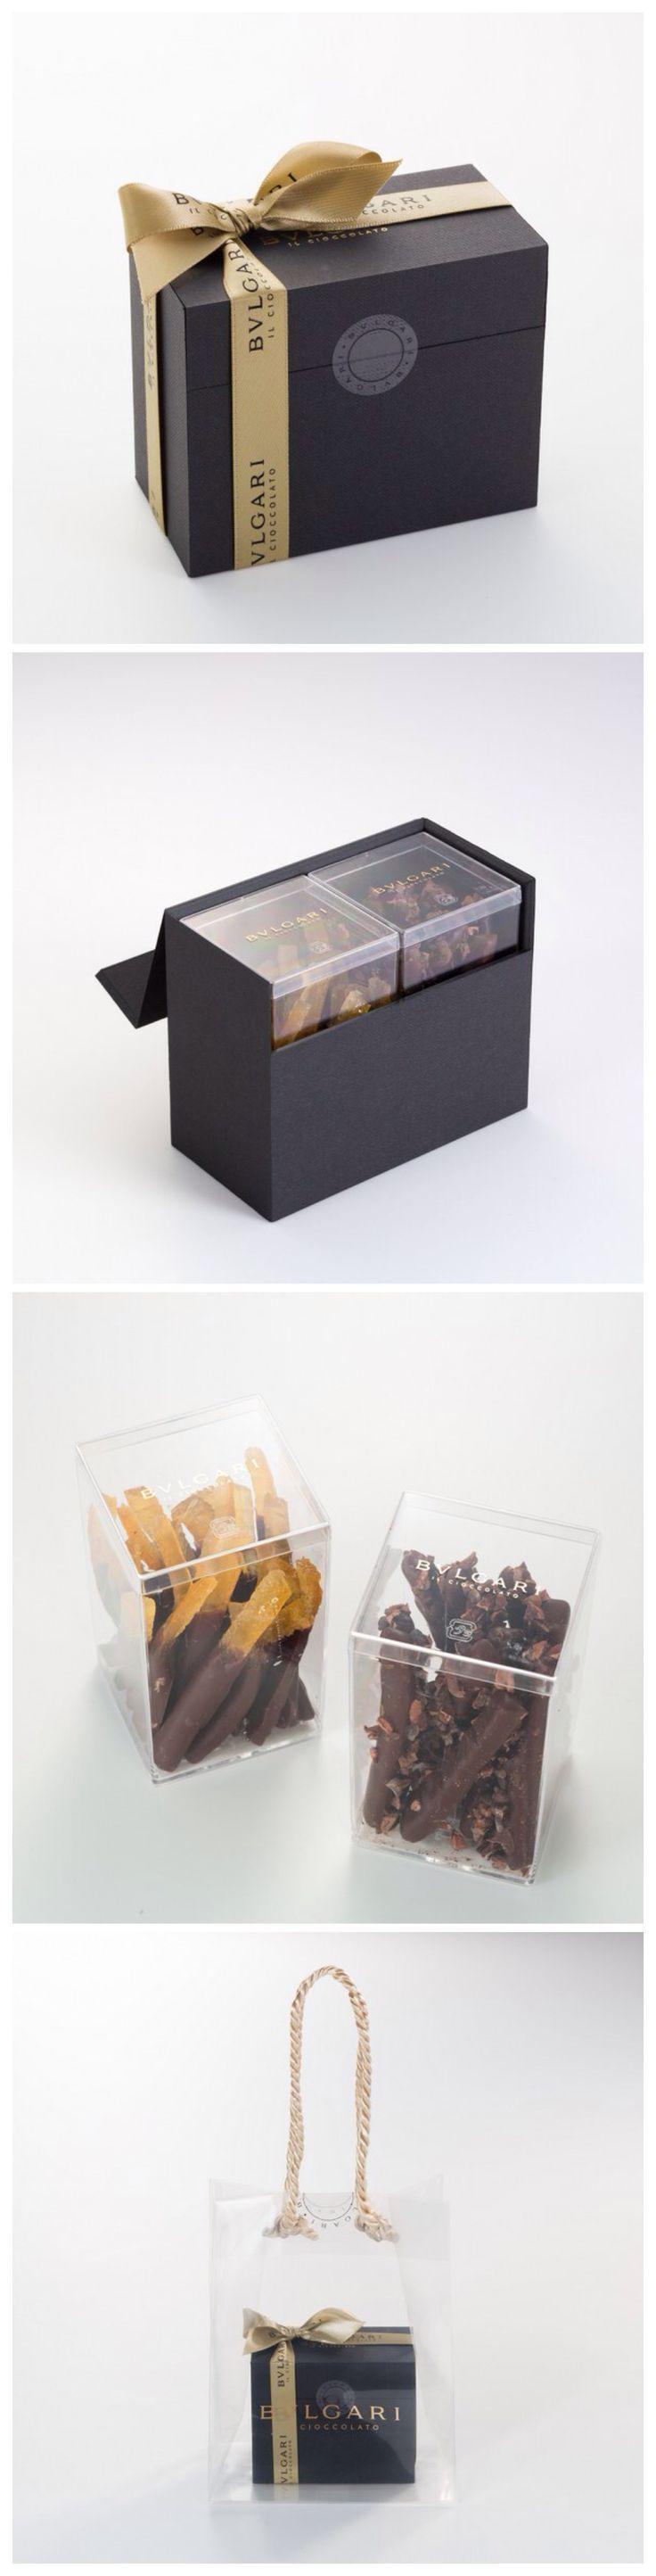 packaging / package design | Bvlgari Japan